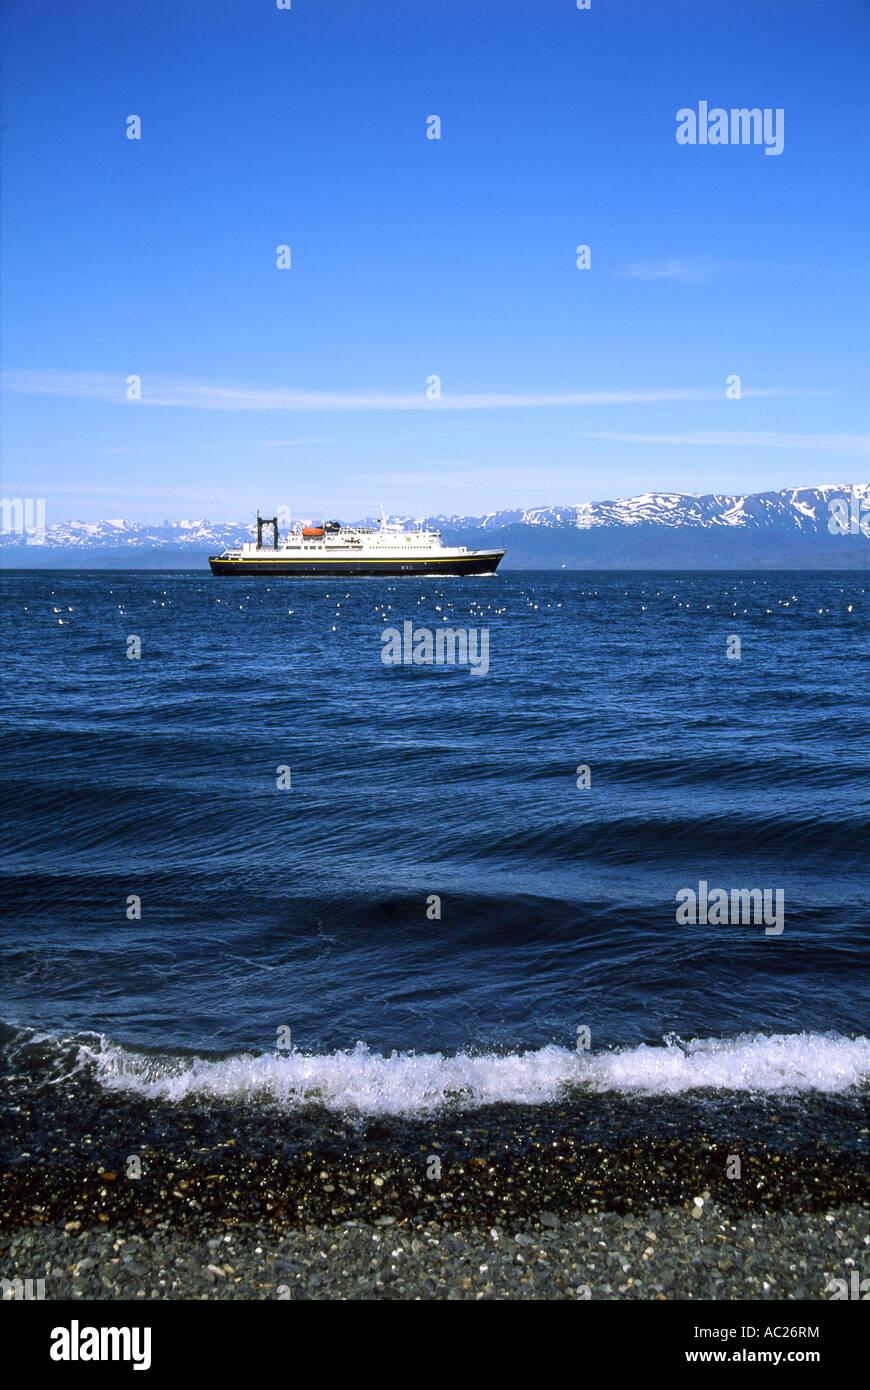 Ocean liner in body of water - Stock Image